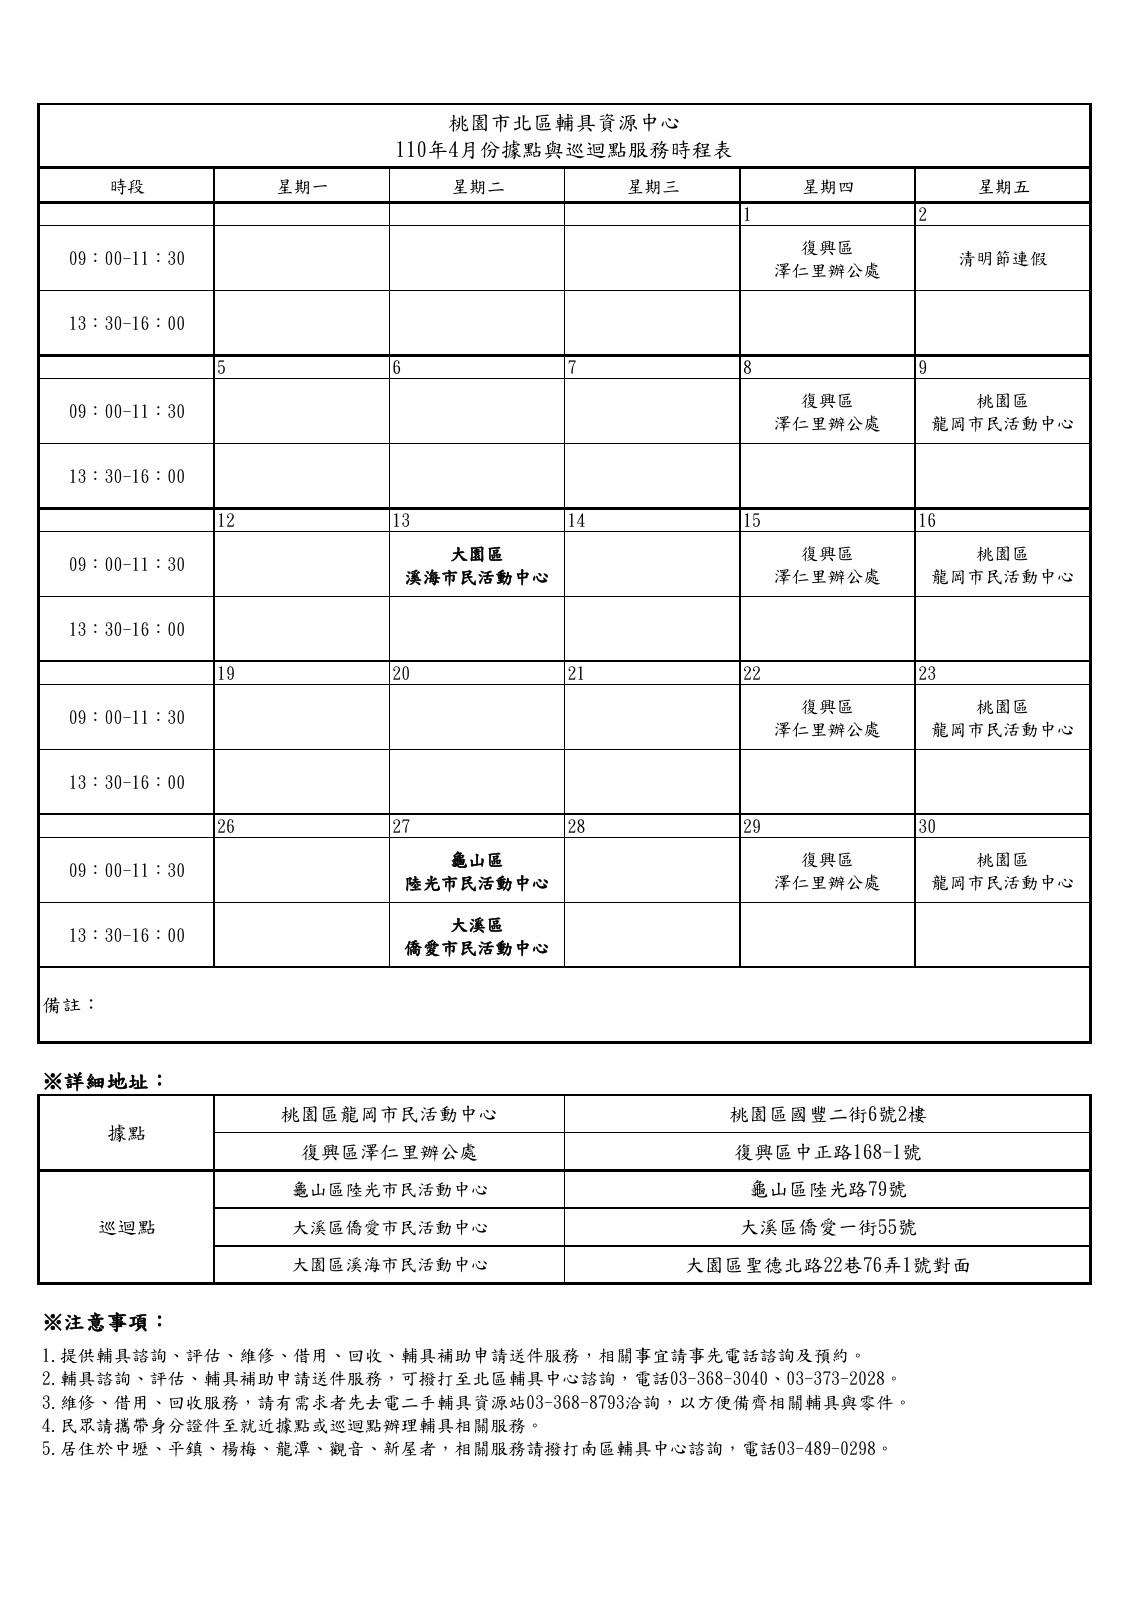 110年據點與巡迴點服務時程表-4月-1.jpg